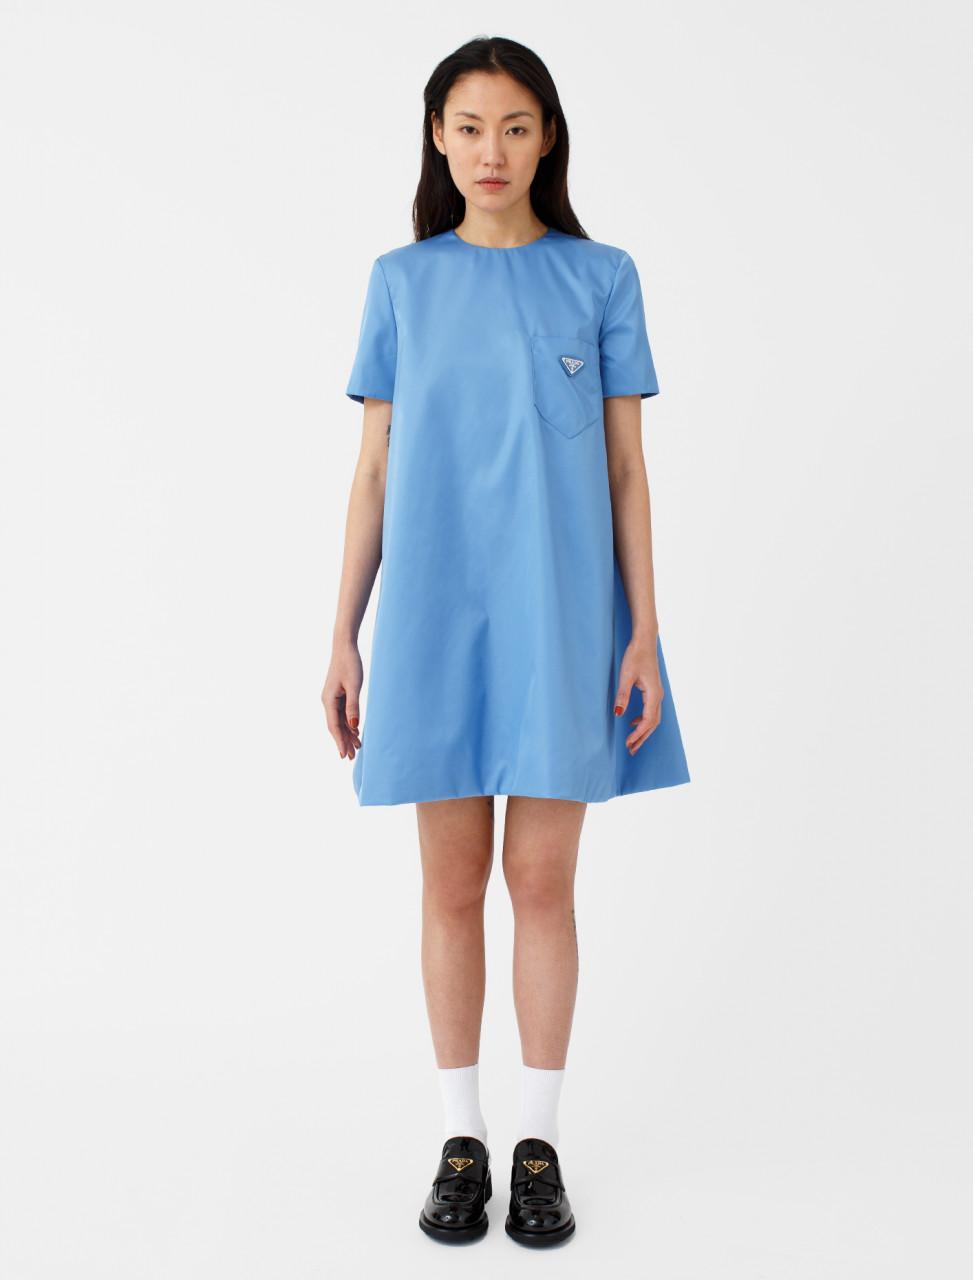 Nylon Gabardine Dress with Belt in Azure